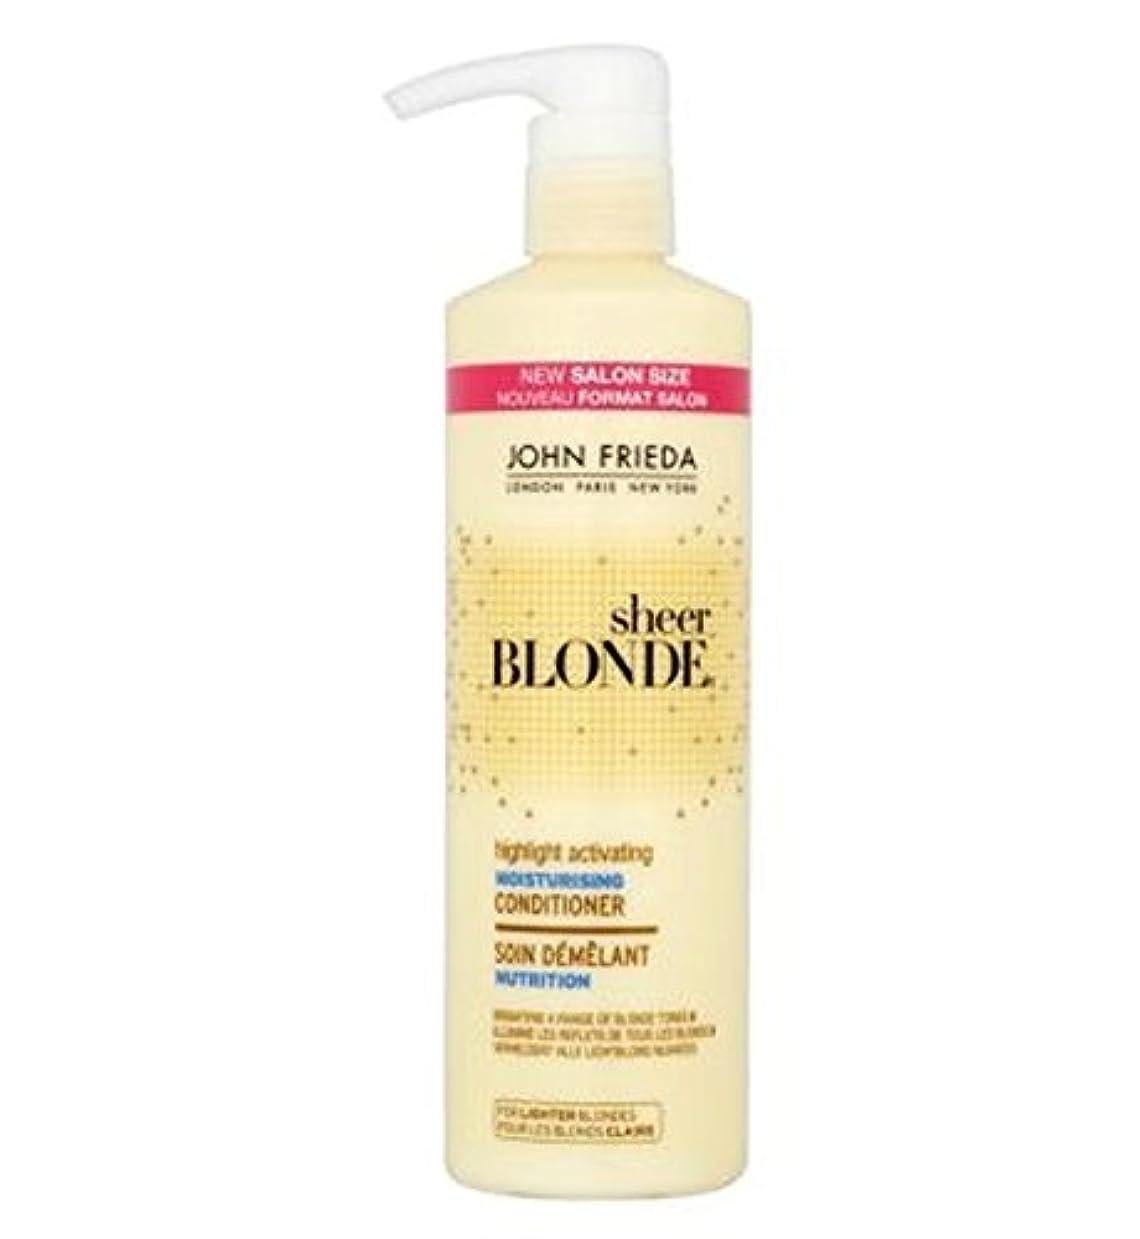 極めて人口結び目ジョン?フリーダ薄手のブロンドのハイライト活性化保湿コンディショナー500ミリリットル (John Frieda) (x2) - John Frieda Sheer Blonde Highlight Activating...